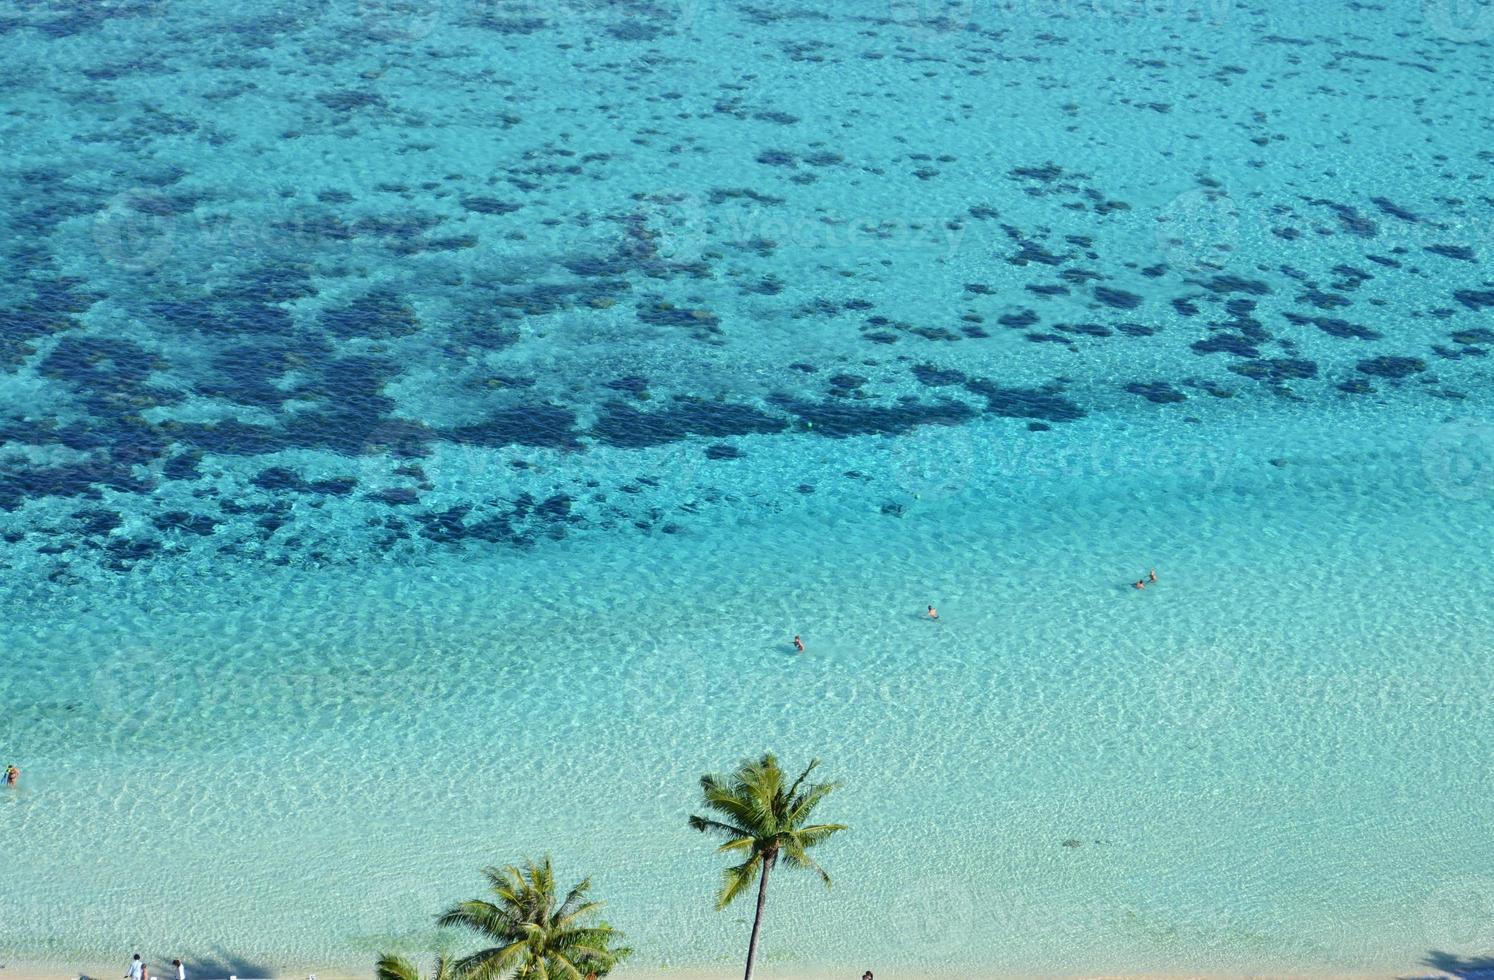 palmeras y un arrecife de coral foto